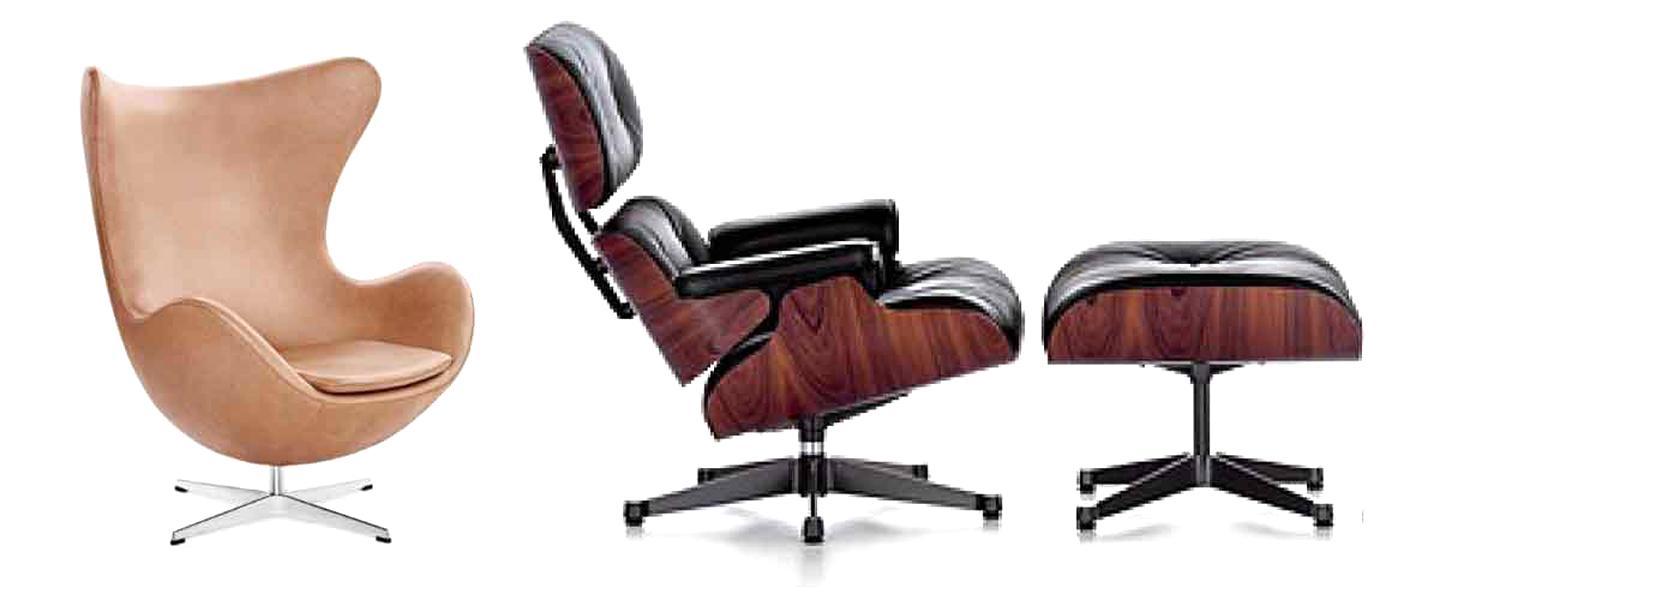 Sessel Klassiker Gebraucht Kaufen Nur 3 St Bis 75 Gunstiger